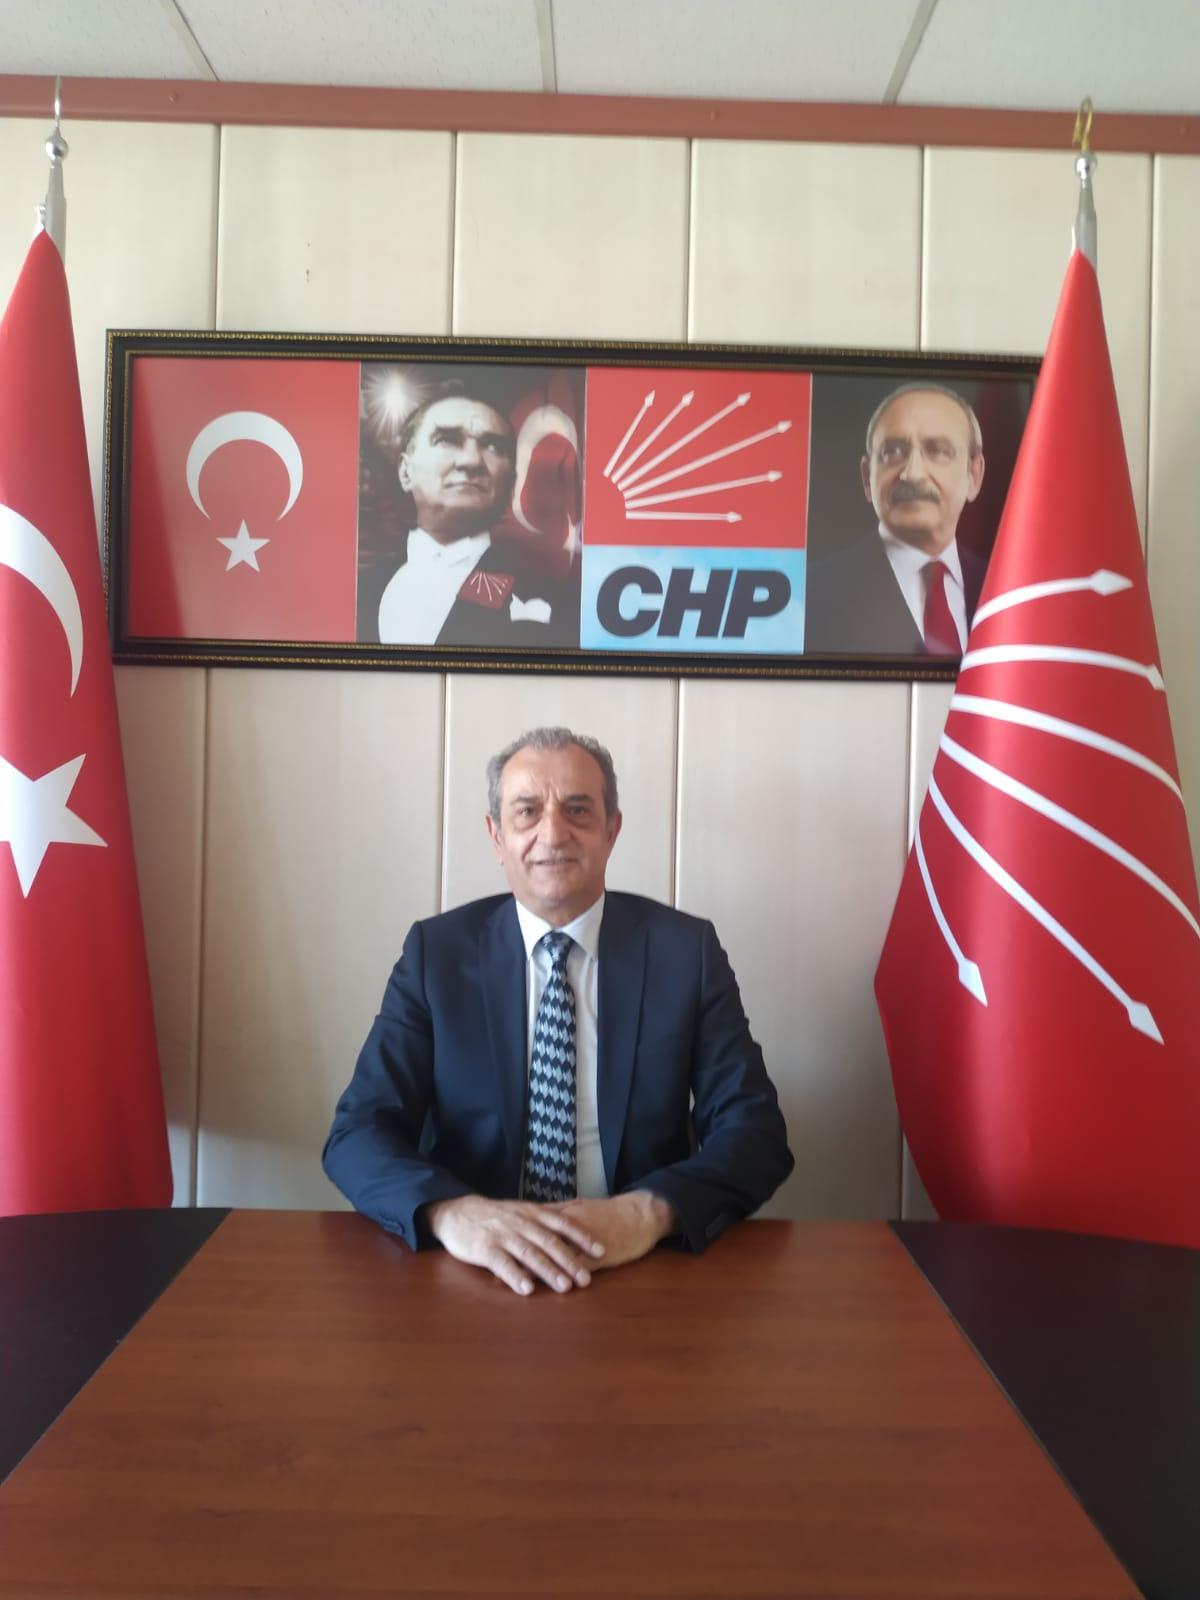 Chp Rize Merkez İlçe Başkanı Necati Topaloğlundan, 19 Mayıs Atatürk'ü Anma ve Genlik Spor Bayramı Mesajı